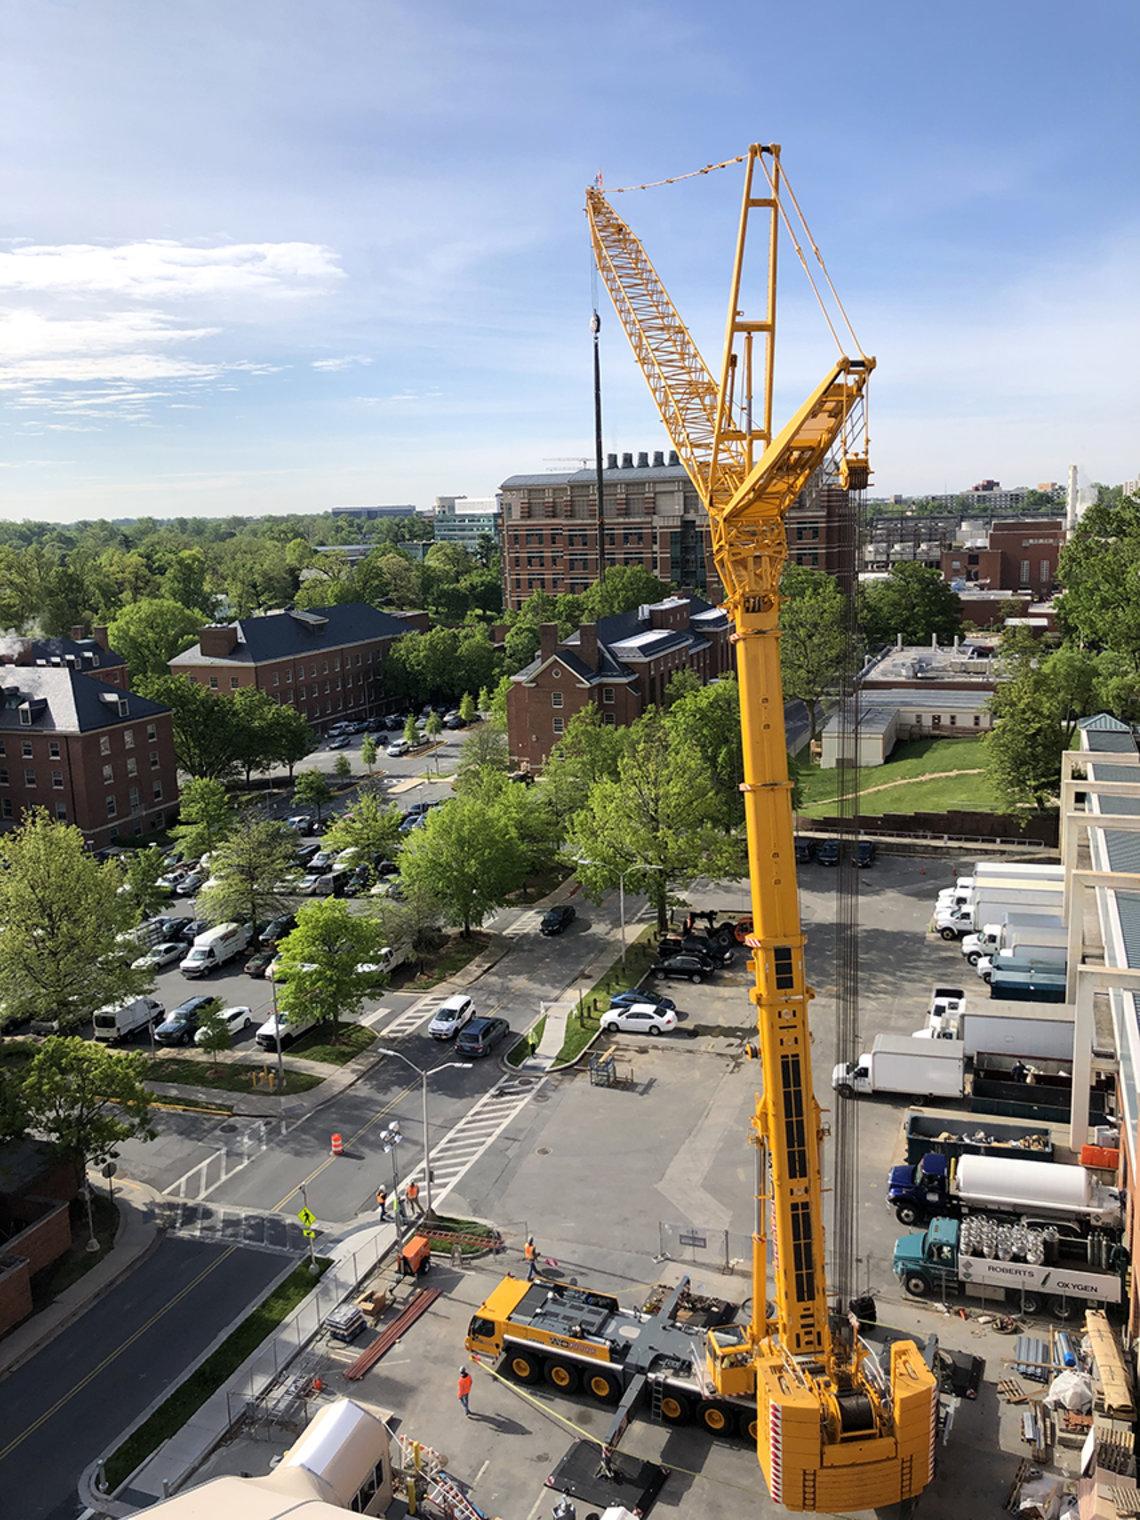 Tall crane against skyline